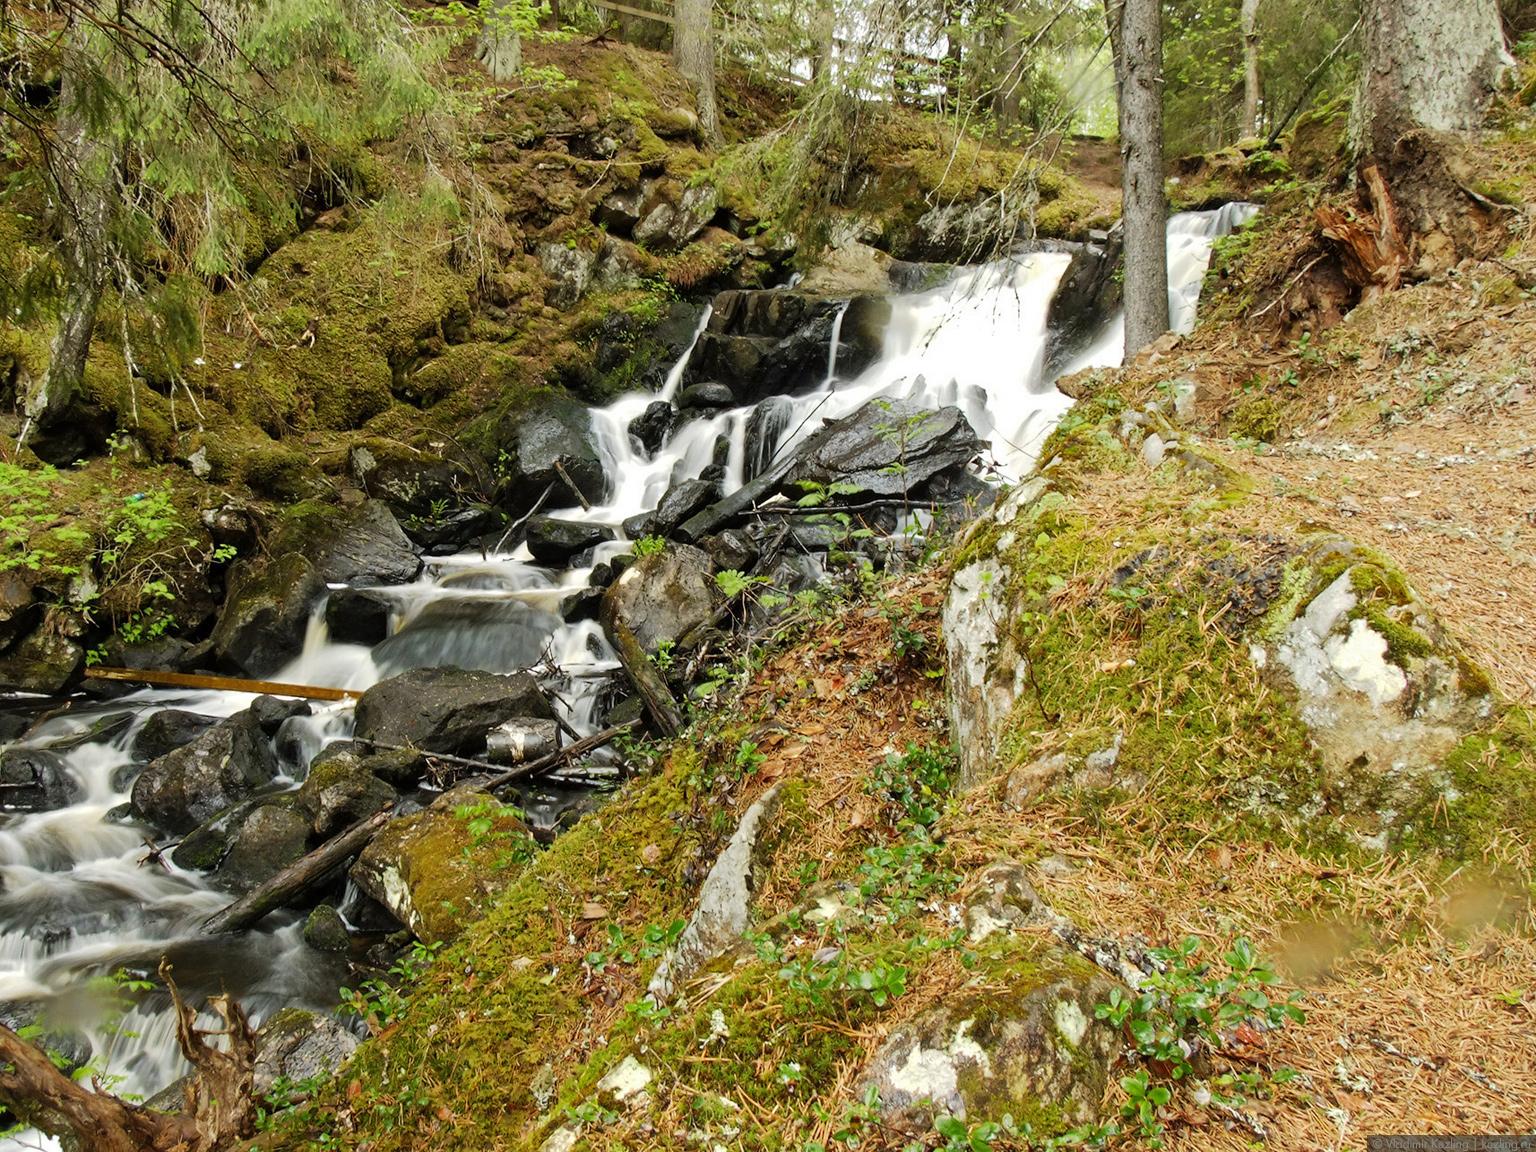 Затерявшись в финских лесах. Водопад Коркеакоски